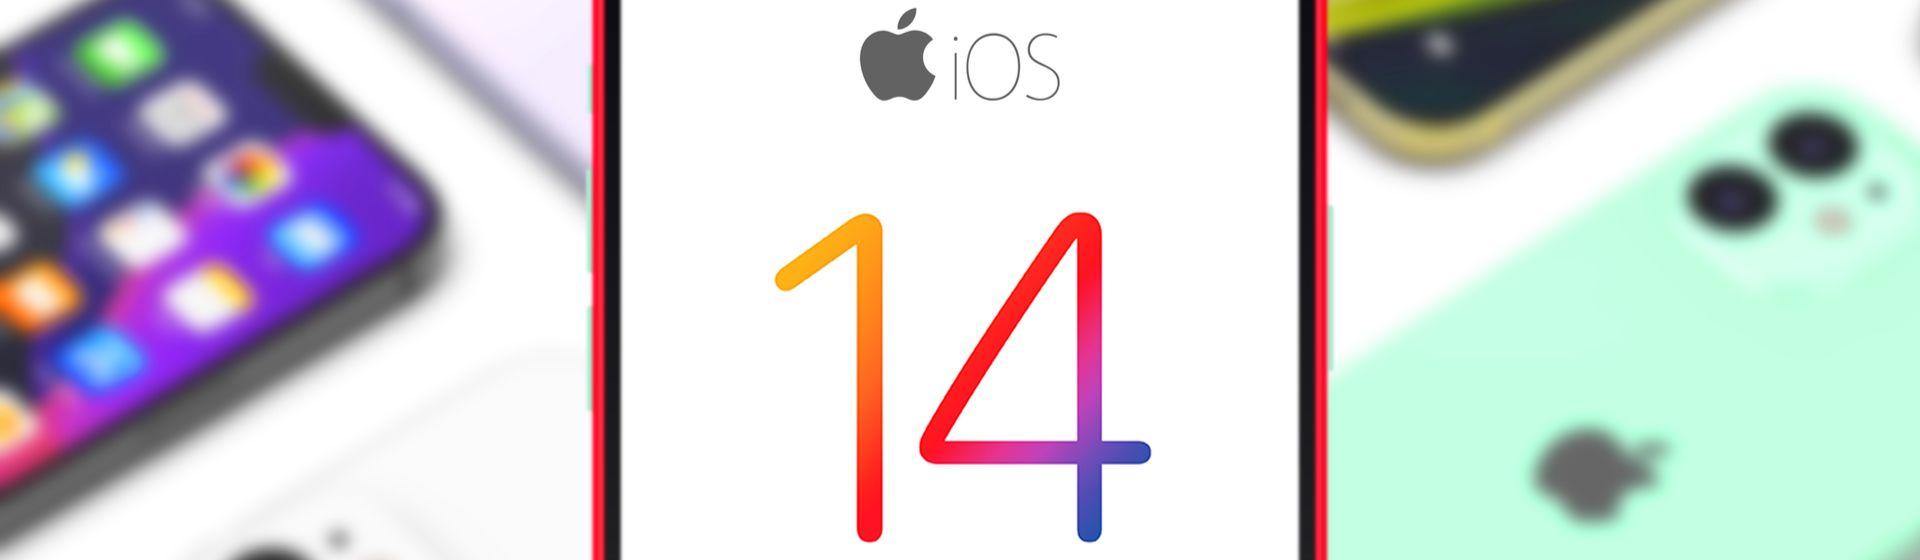 Bolinha verde ou laranja na tela do iPhone: conheça a função do iOS14